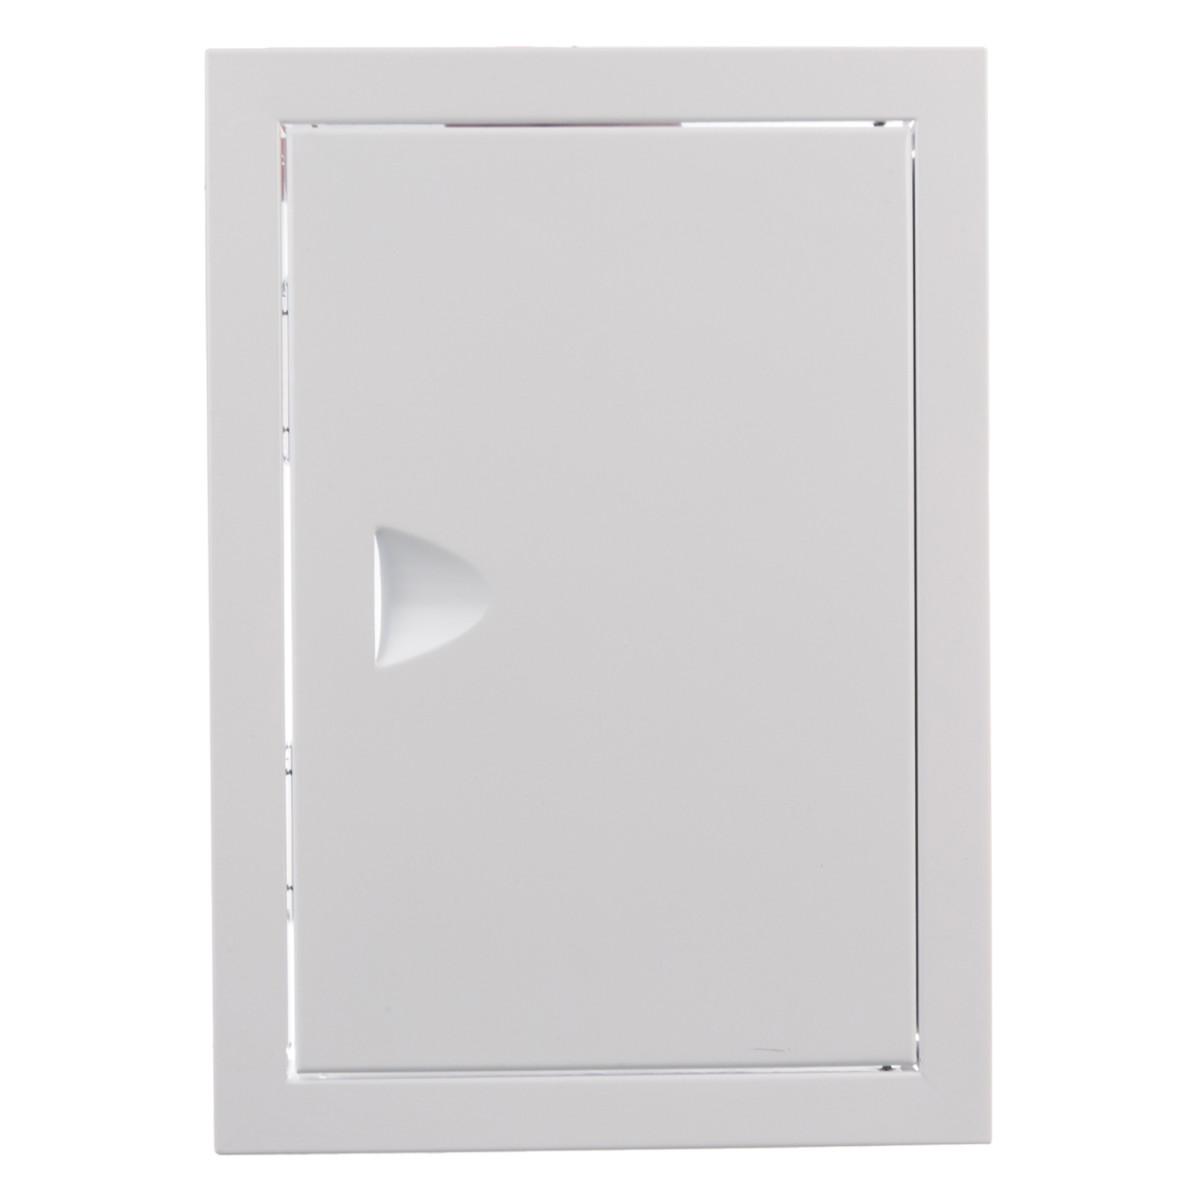 Люк ревизионный Домовент 20х30 см цвет белый